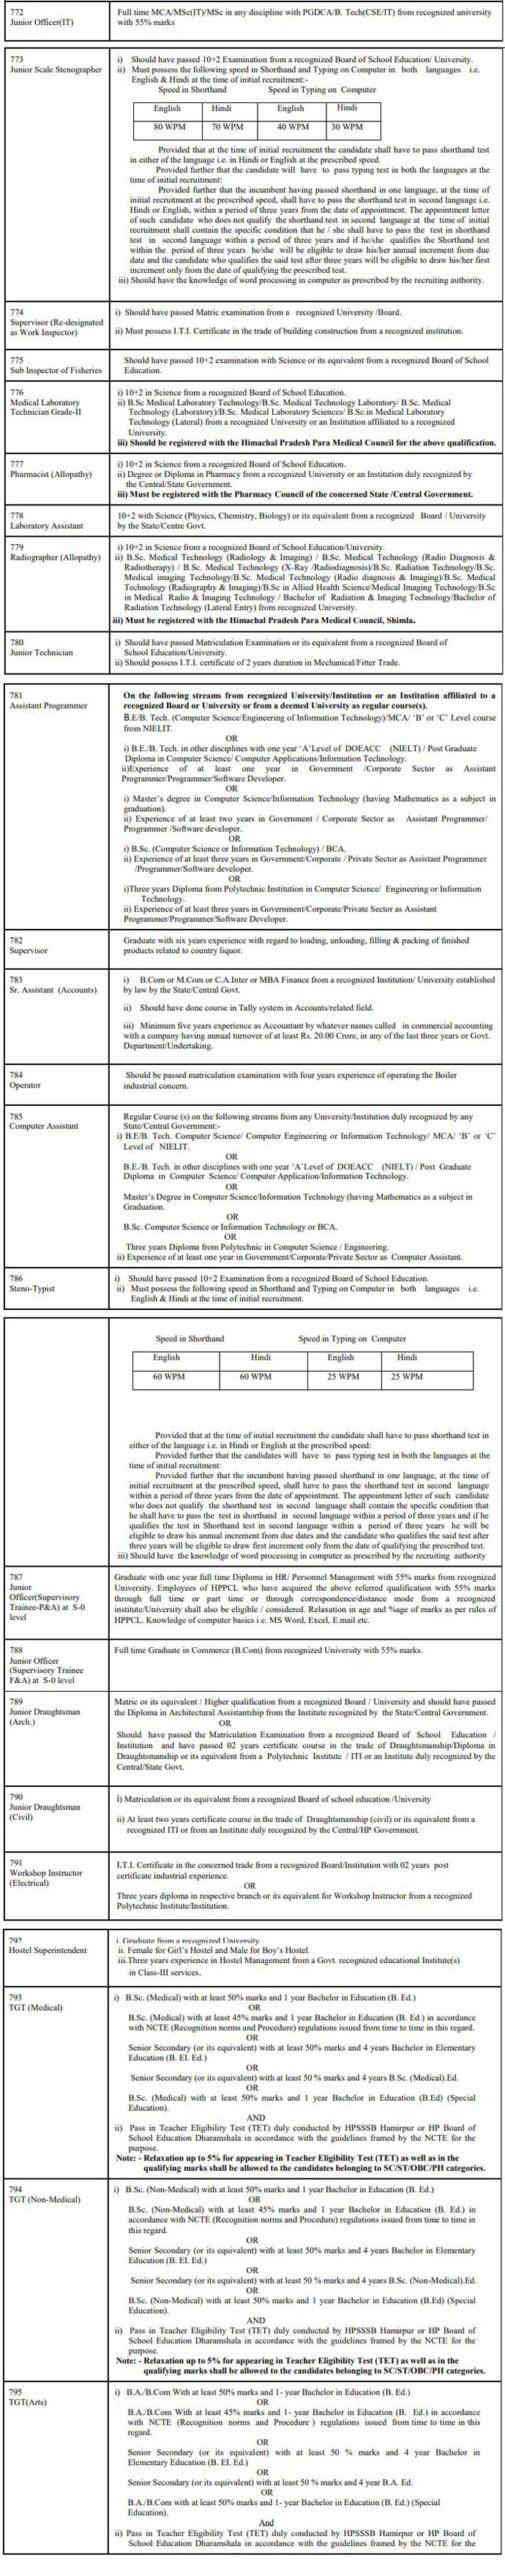 HPSSC Recruitment 2020